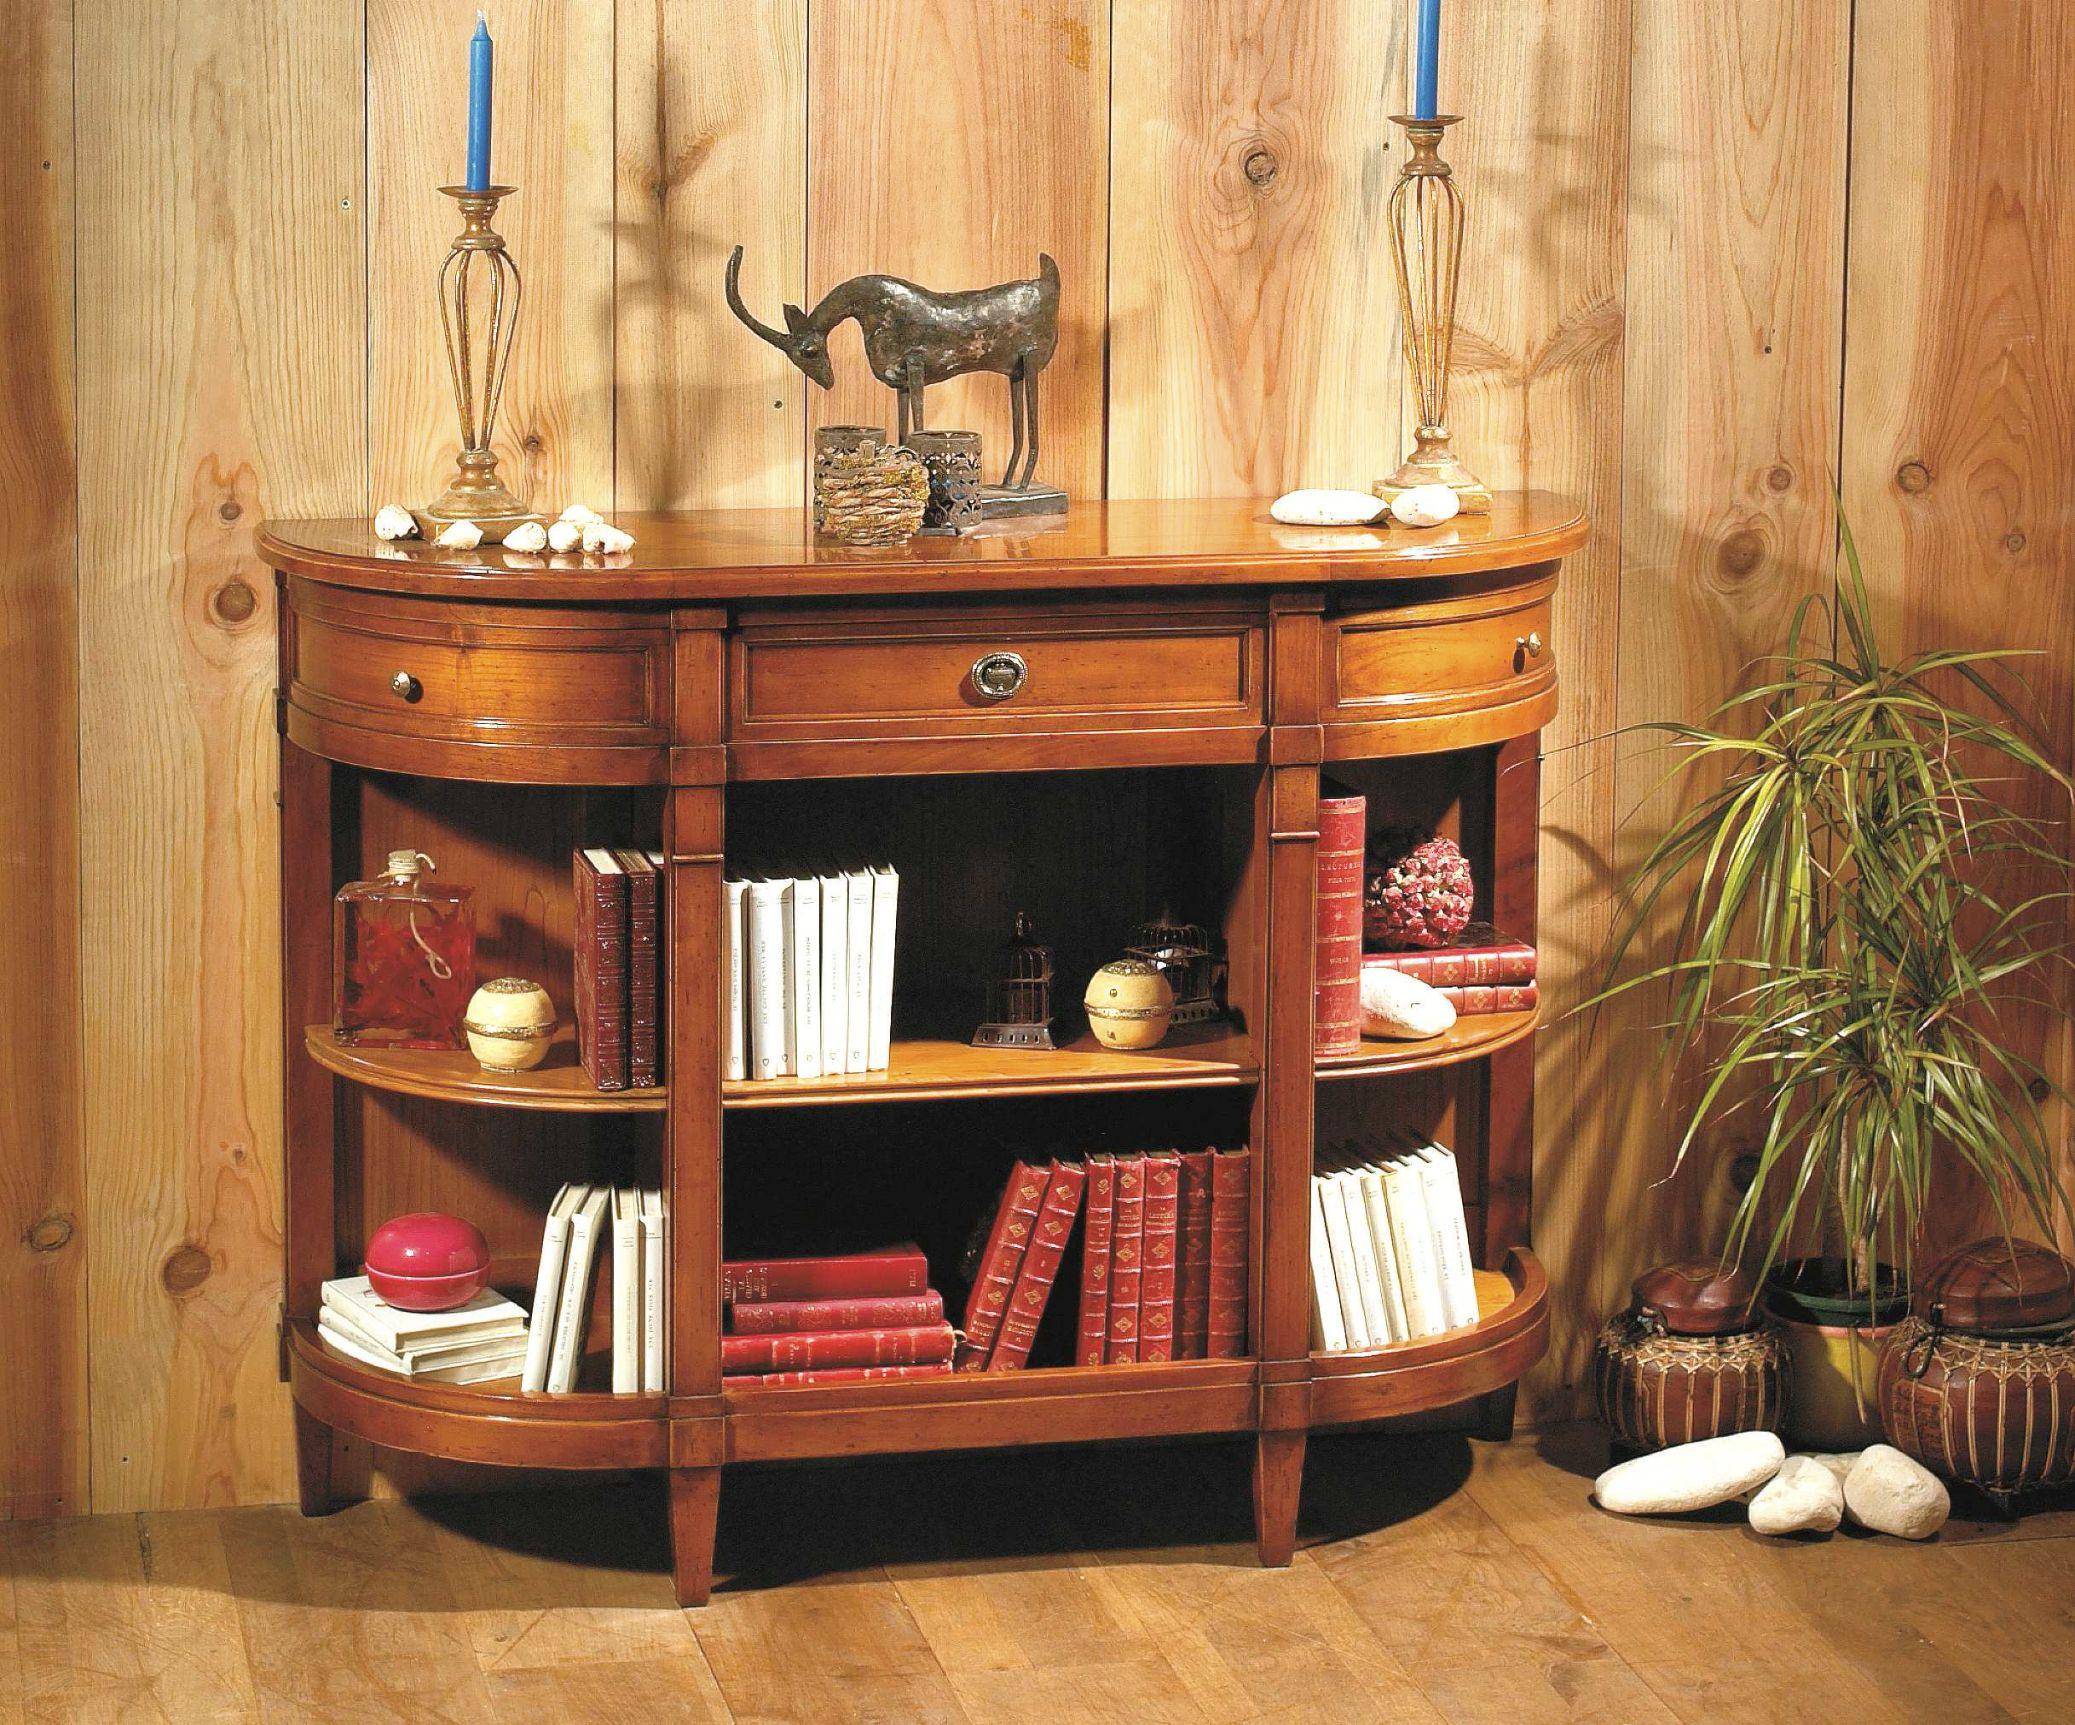 meuble d 39 appui en bois massif de style directoire avec 1 tiroir 2 s paration et 3 tag res. Black Bedroom Furniture Sets. Home Design Ideas